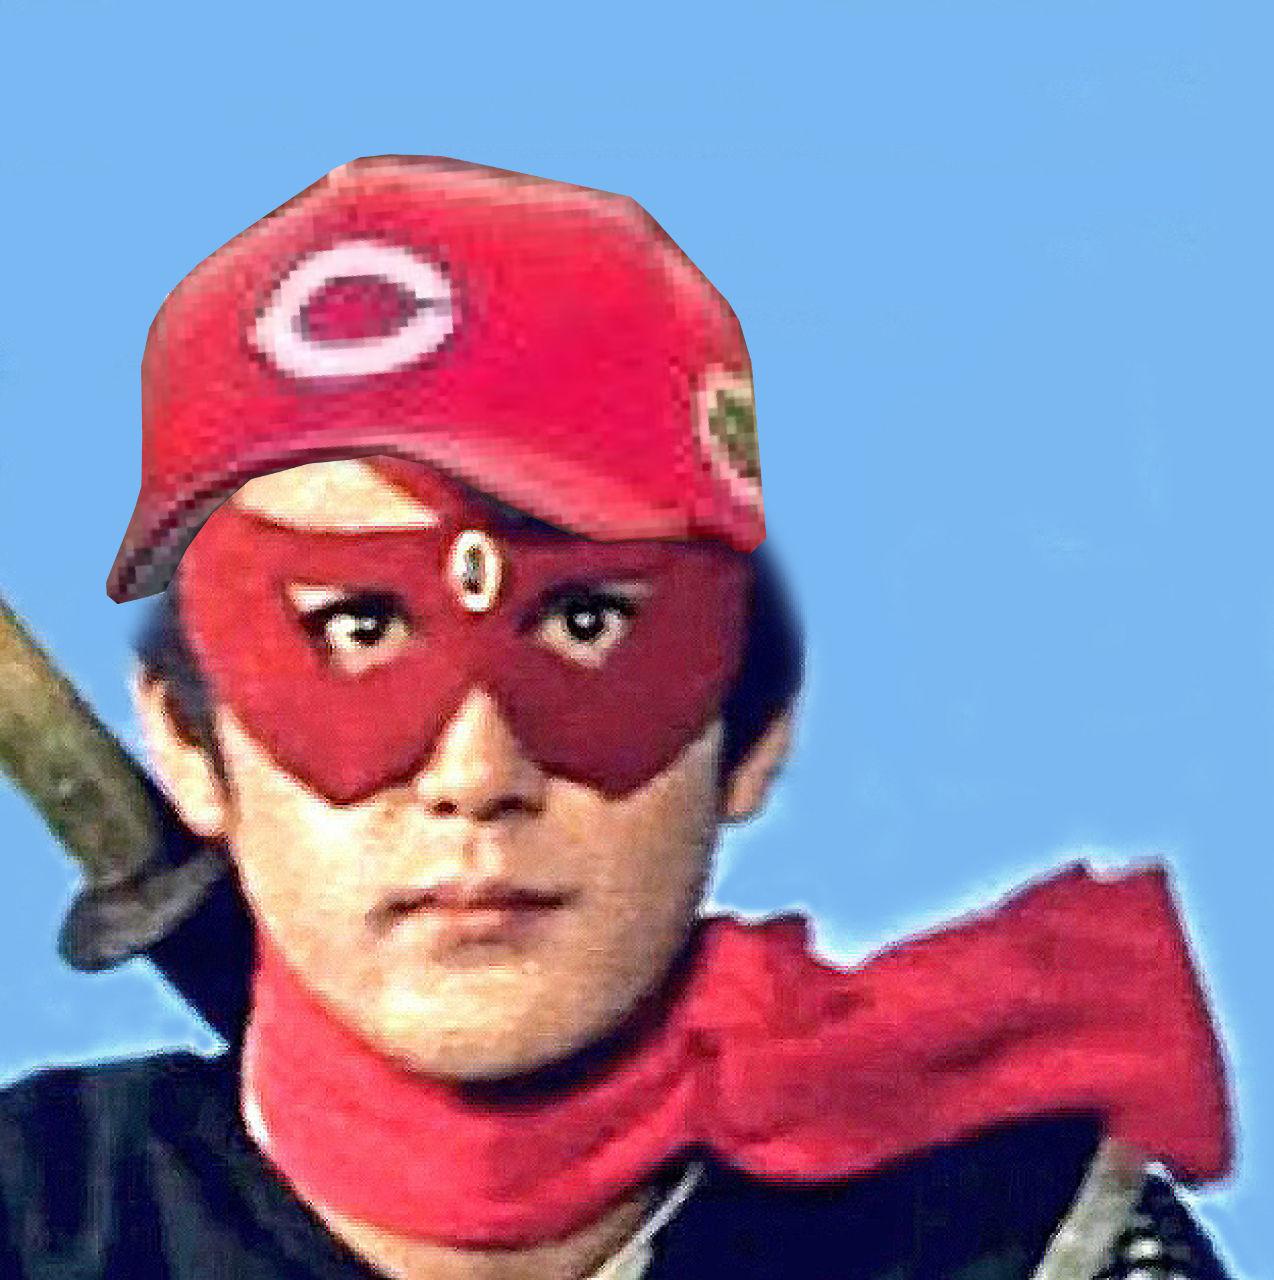 プラント・オパール・・・アクト3 ナオコさん、皆様・・・おはようございます。 ホント、今朝は肌寒いくらいじゃ🐼 じゃがぁ❗相場は灼熱で